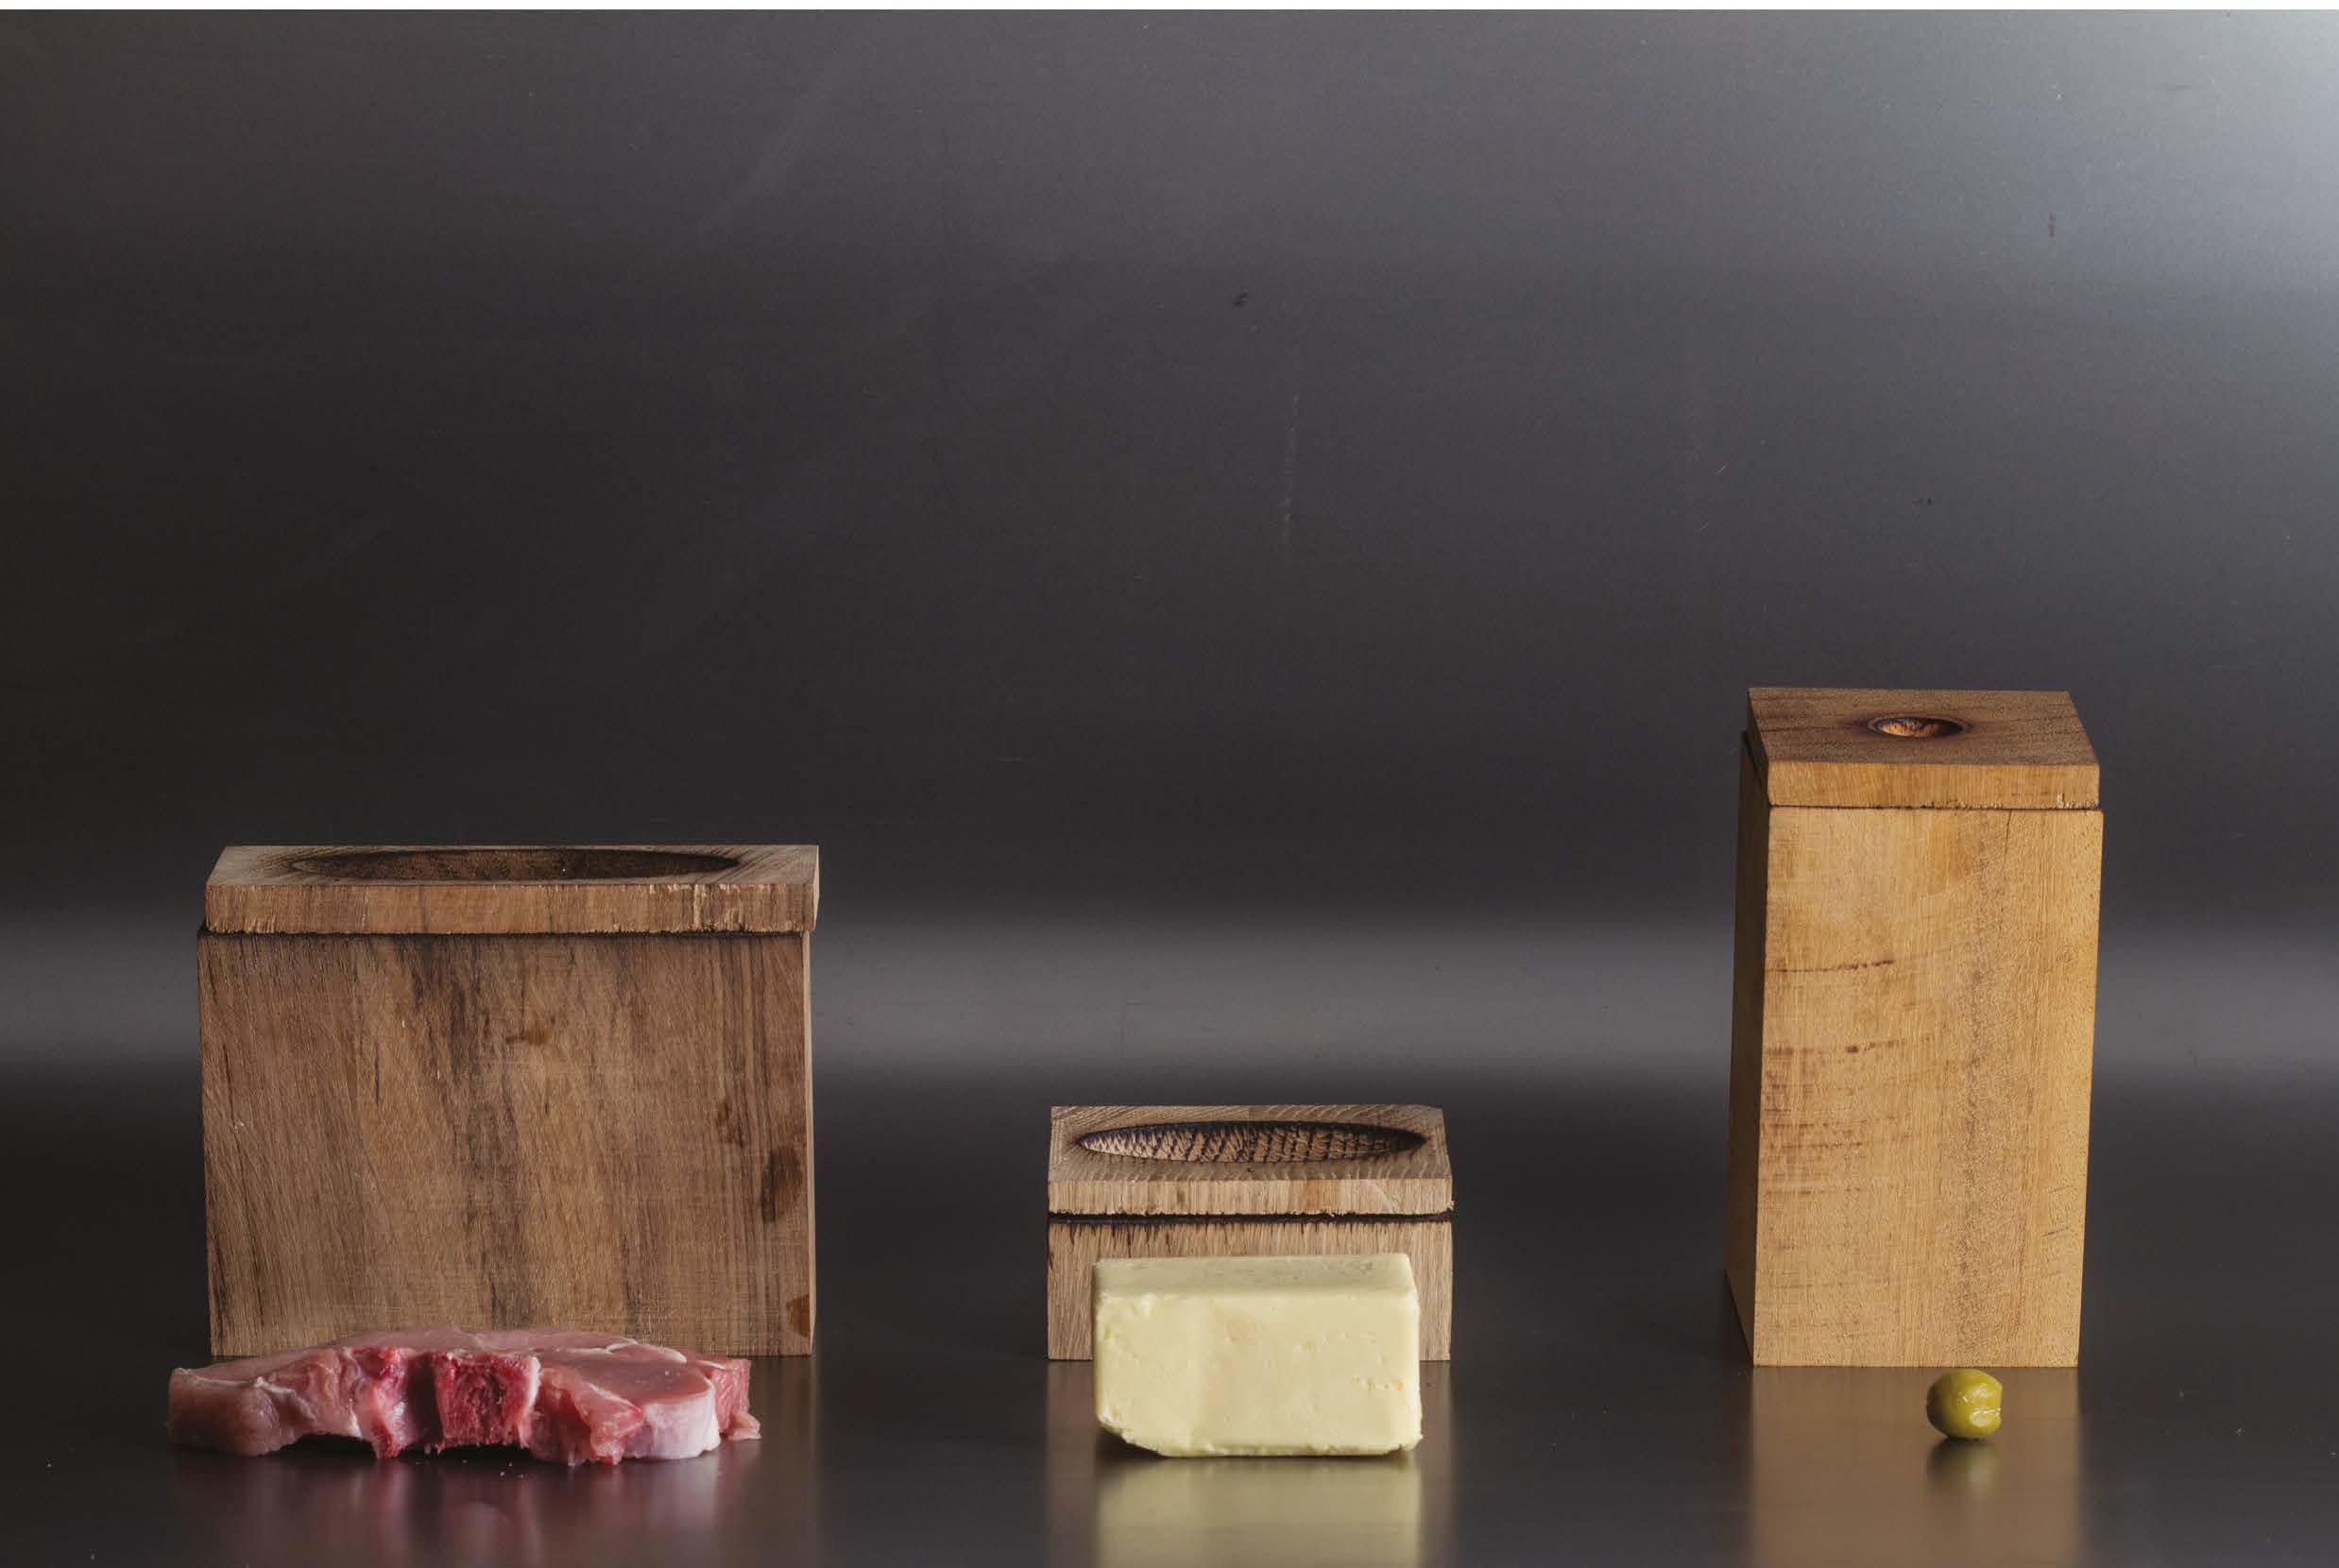 FSCDA16 - Zsofia Kollar - Voedselcontainers van gerookt hout